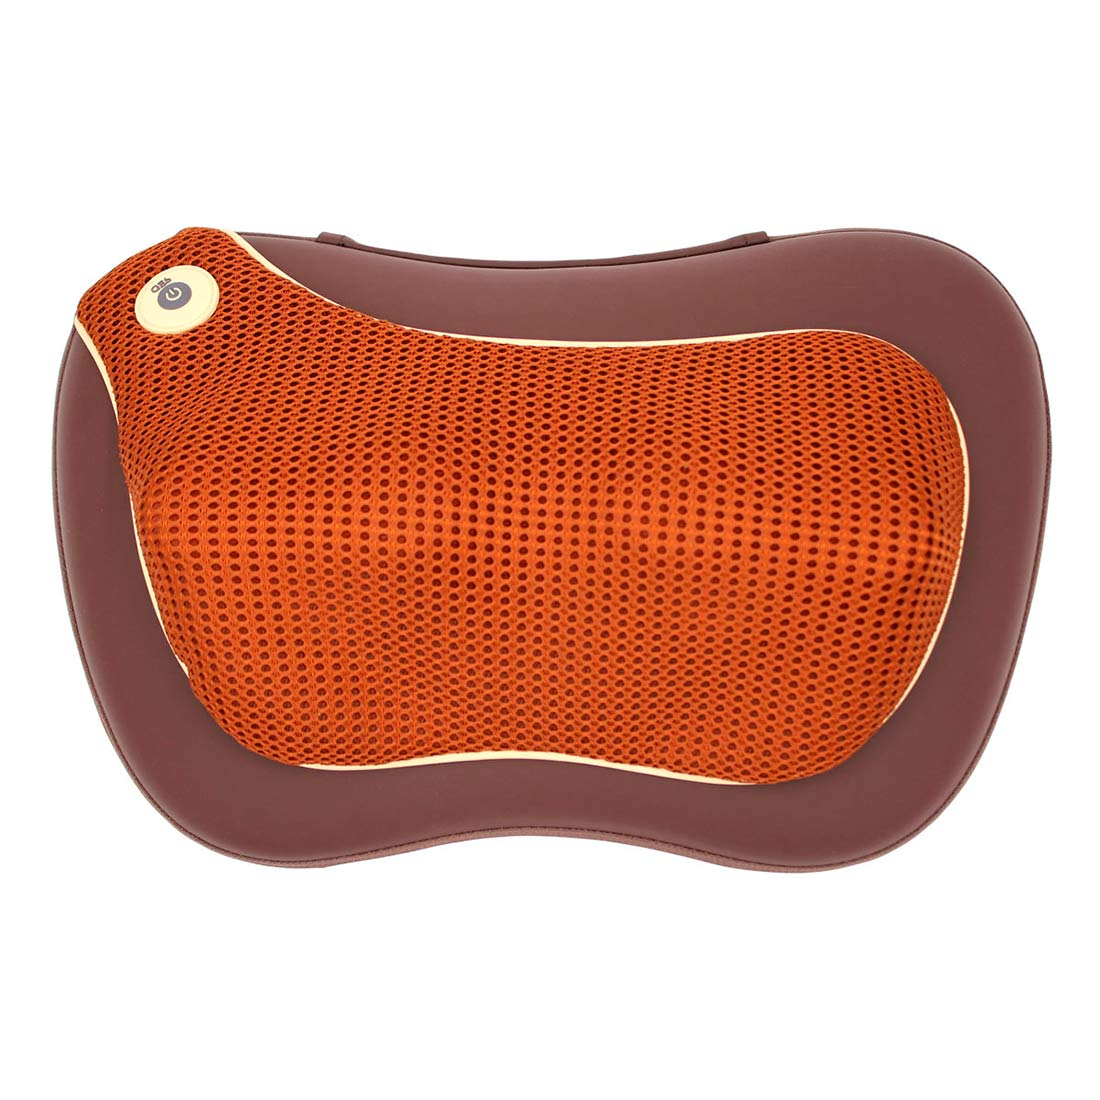 Массажная подушка uTenon, коричневая, 4 массажных ролика, акупунктурная накидка, прогрев, работает от сети/прикуривателя, автоотключение, GESS